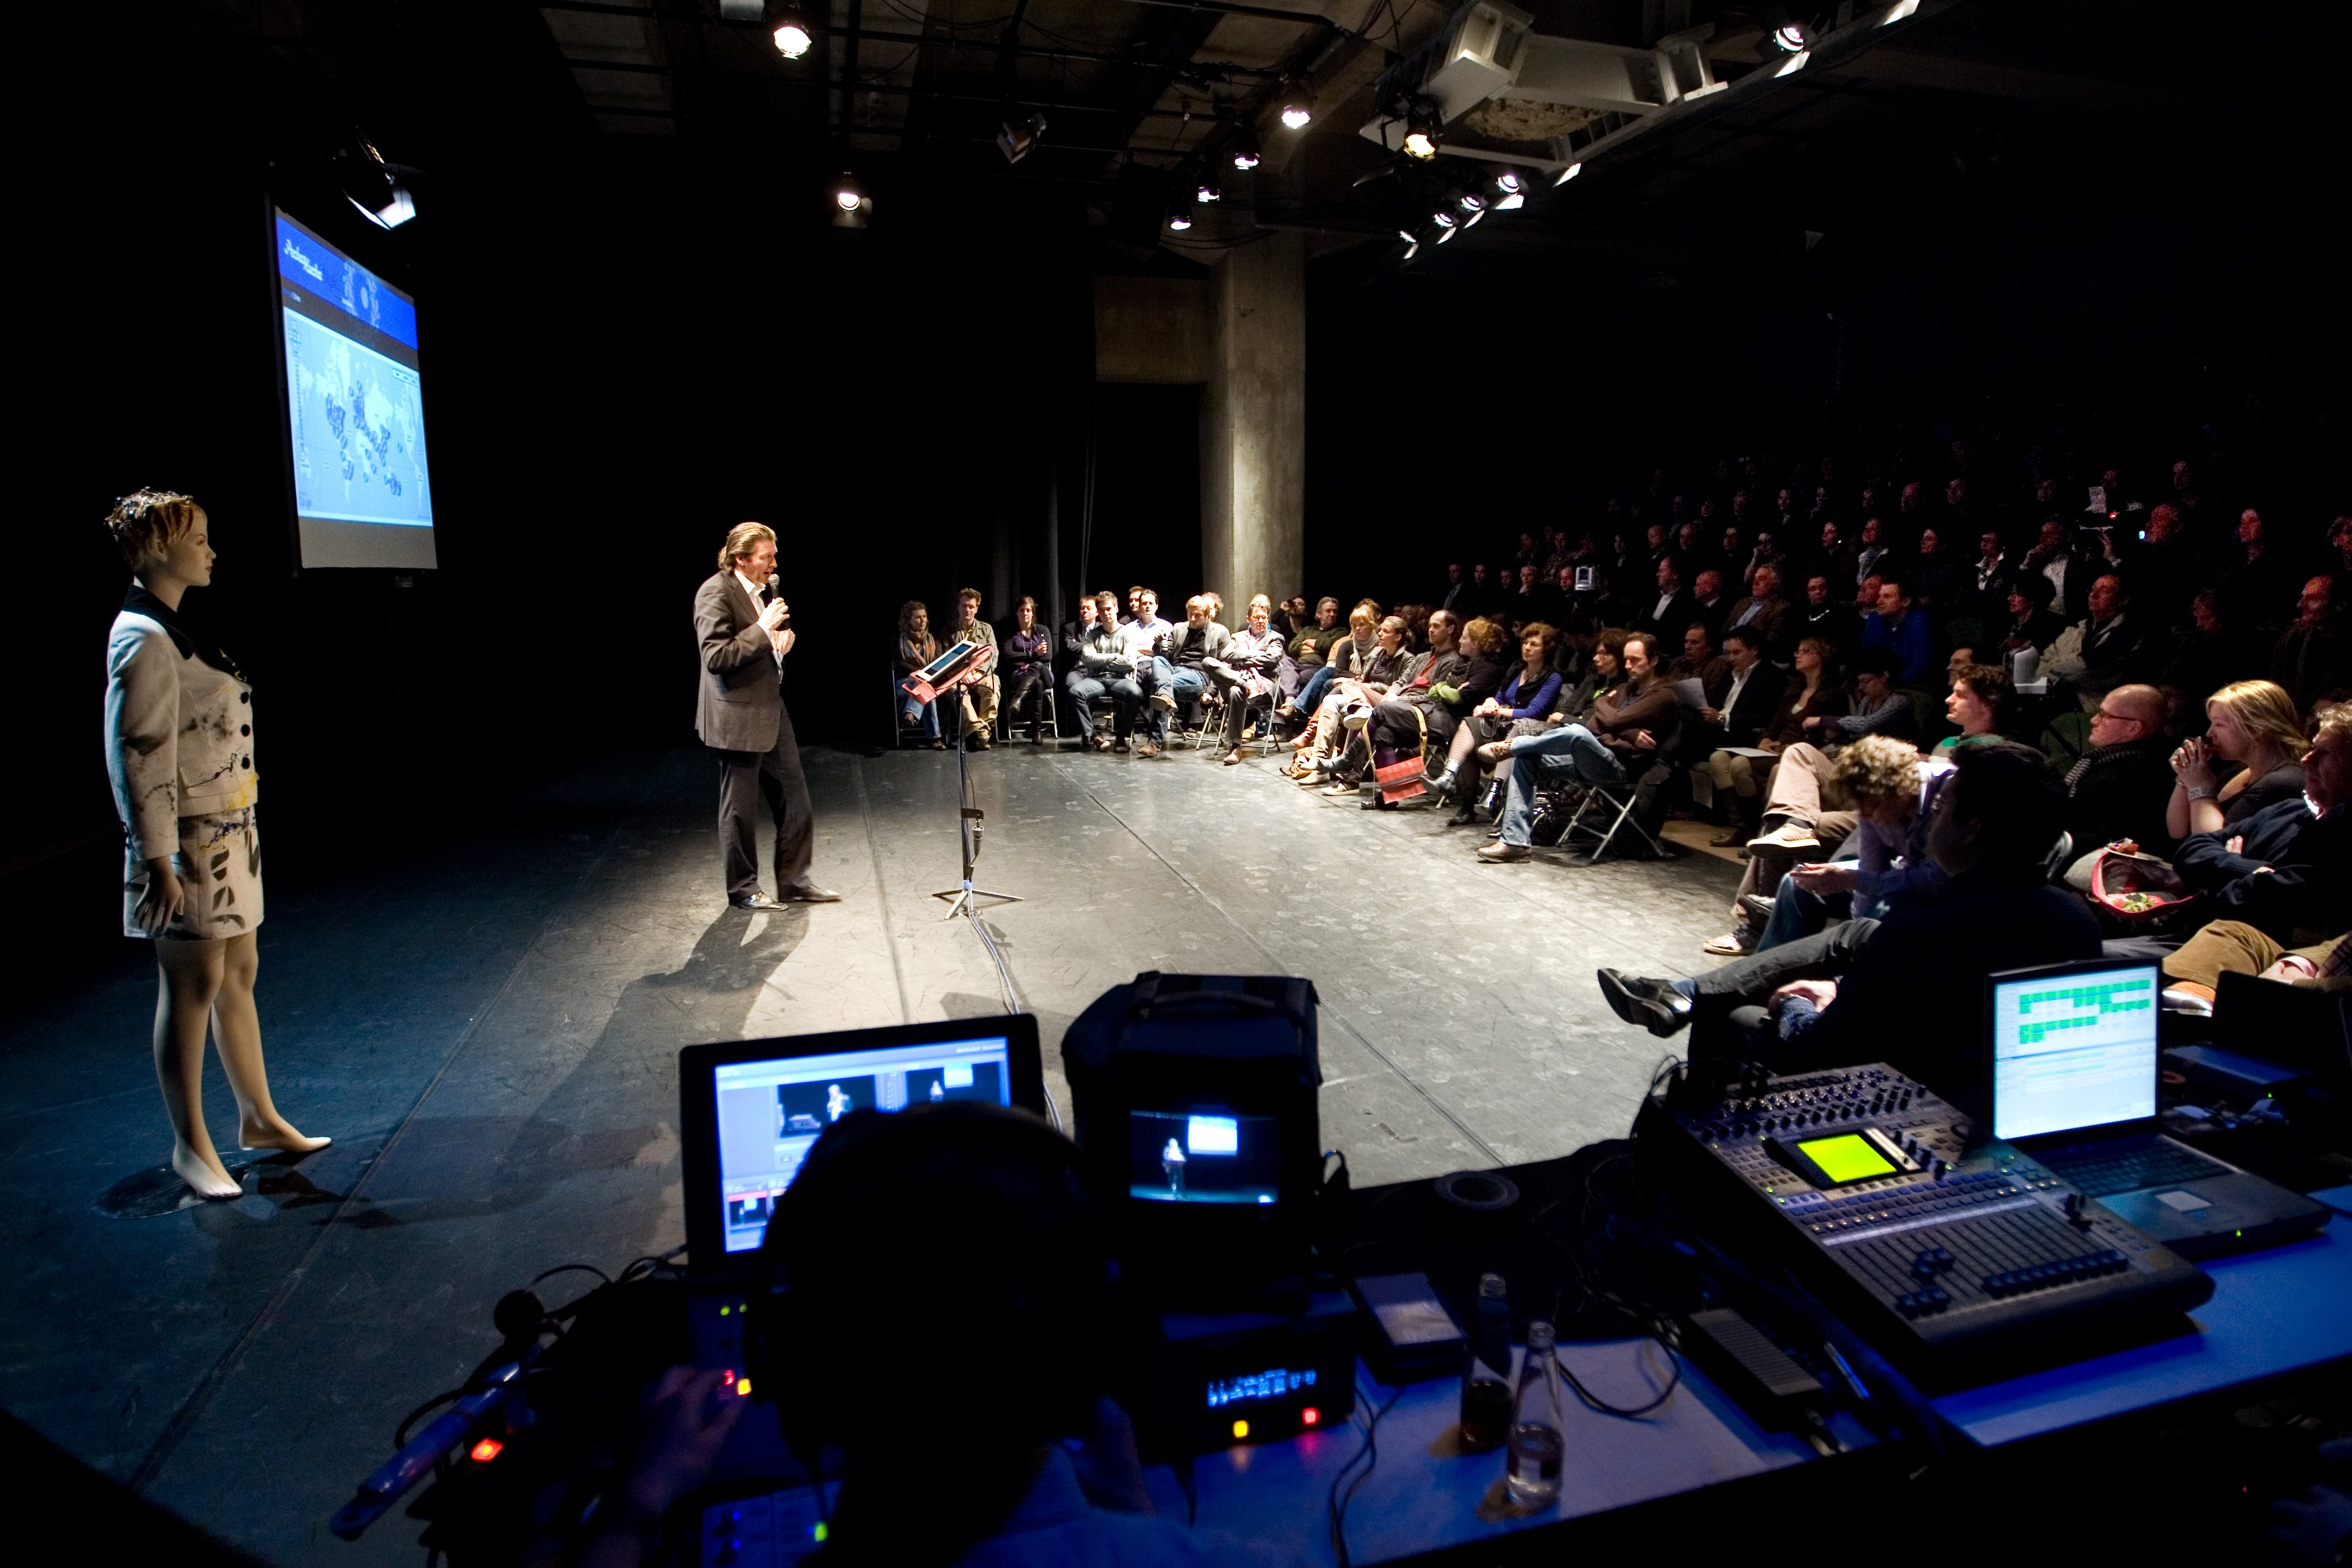 Jean-Paul Toonen presenteert de eerste PechaKucha Maastricht in 2009